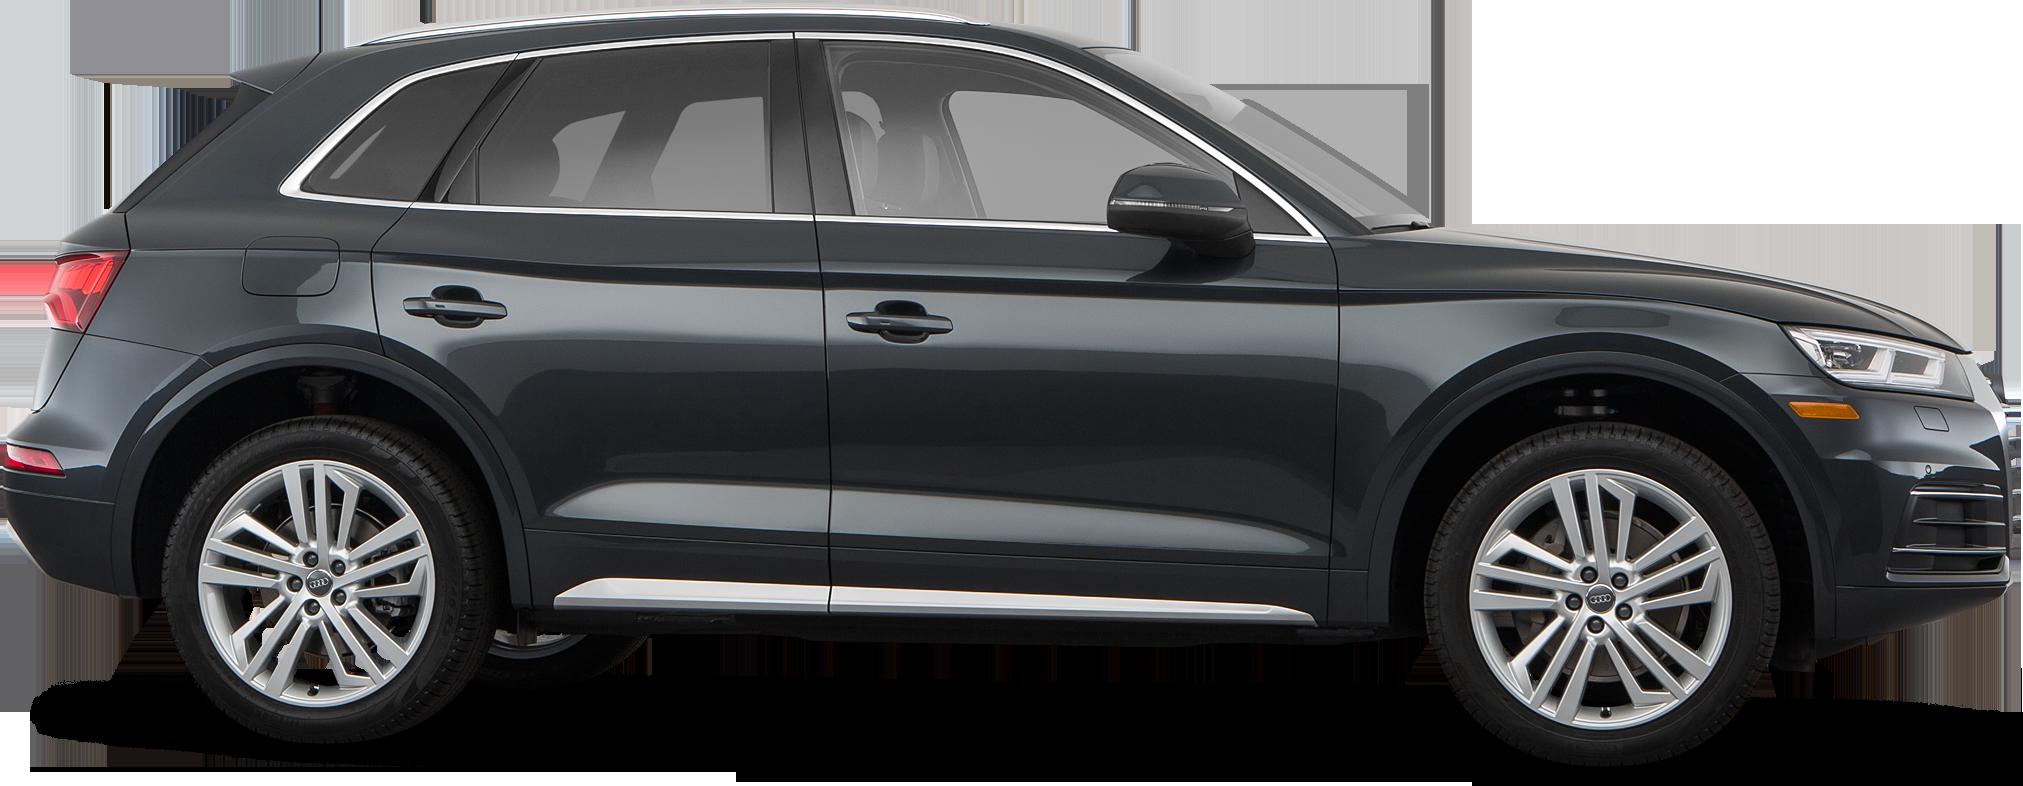 2019 Audi Q5 Exterior